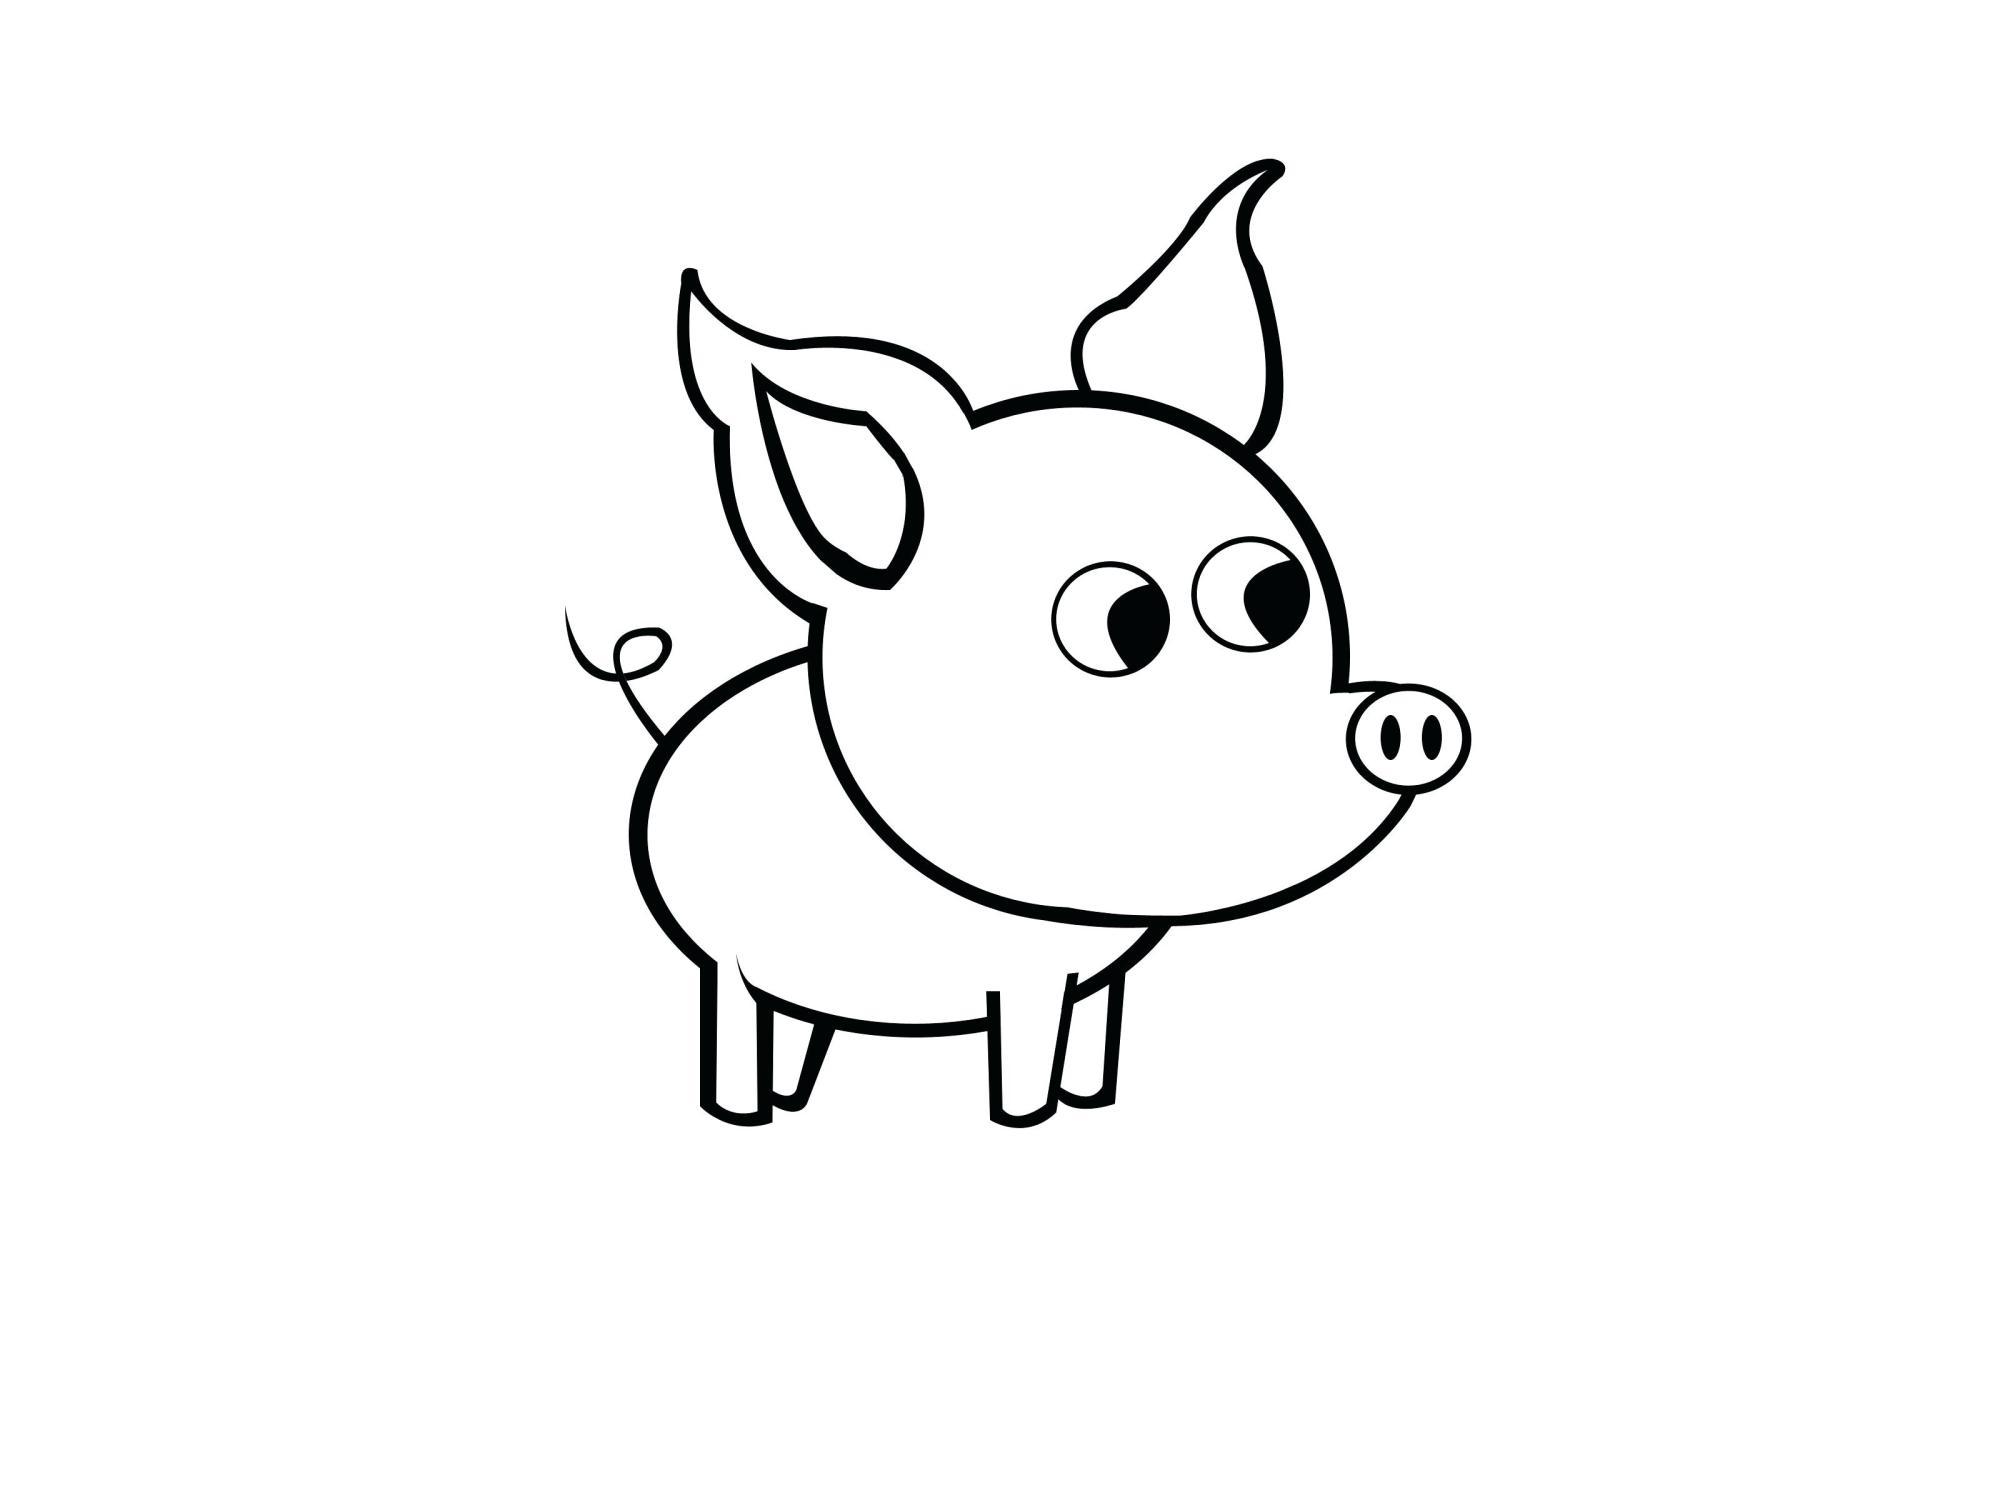 hight resolution of 3200x2400 pig worksheet pig size sorting worksheet download fetal pig pig heart drawing